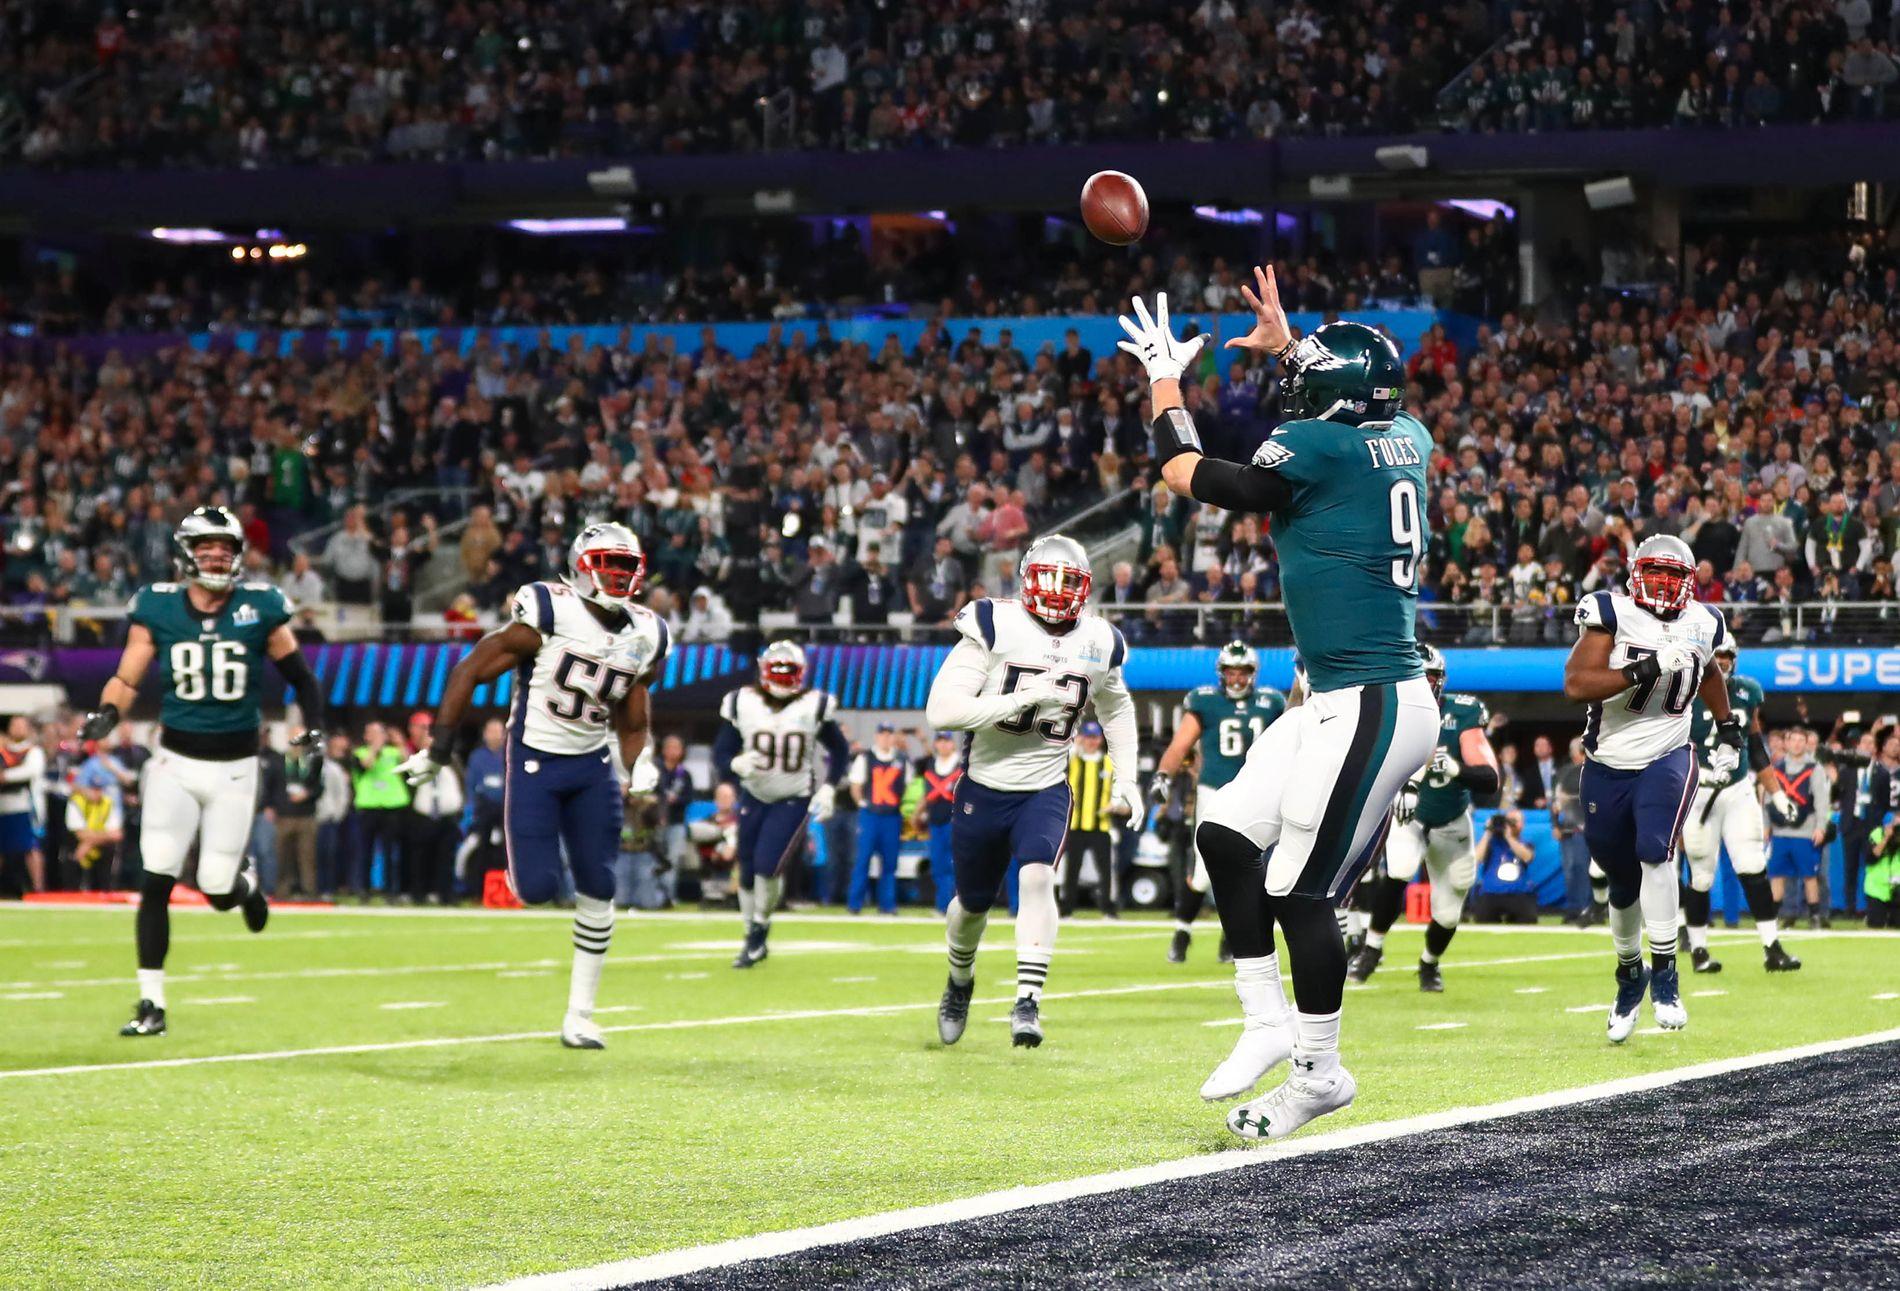 Her mottar Nick Foles, som første quarterback i Super Bowls historie, en touchdownpasning. Det var en av hovedgrunnene til at Philadelphia Eagles seiret.